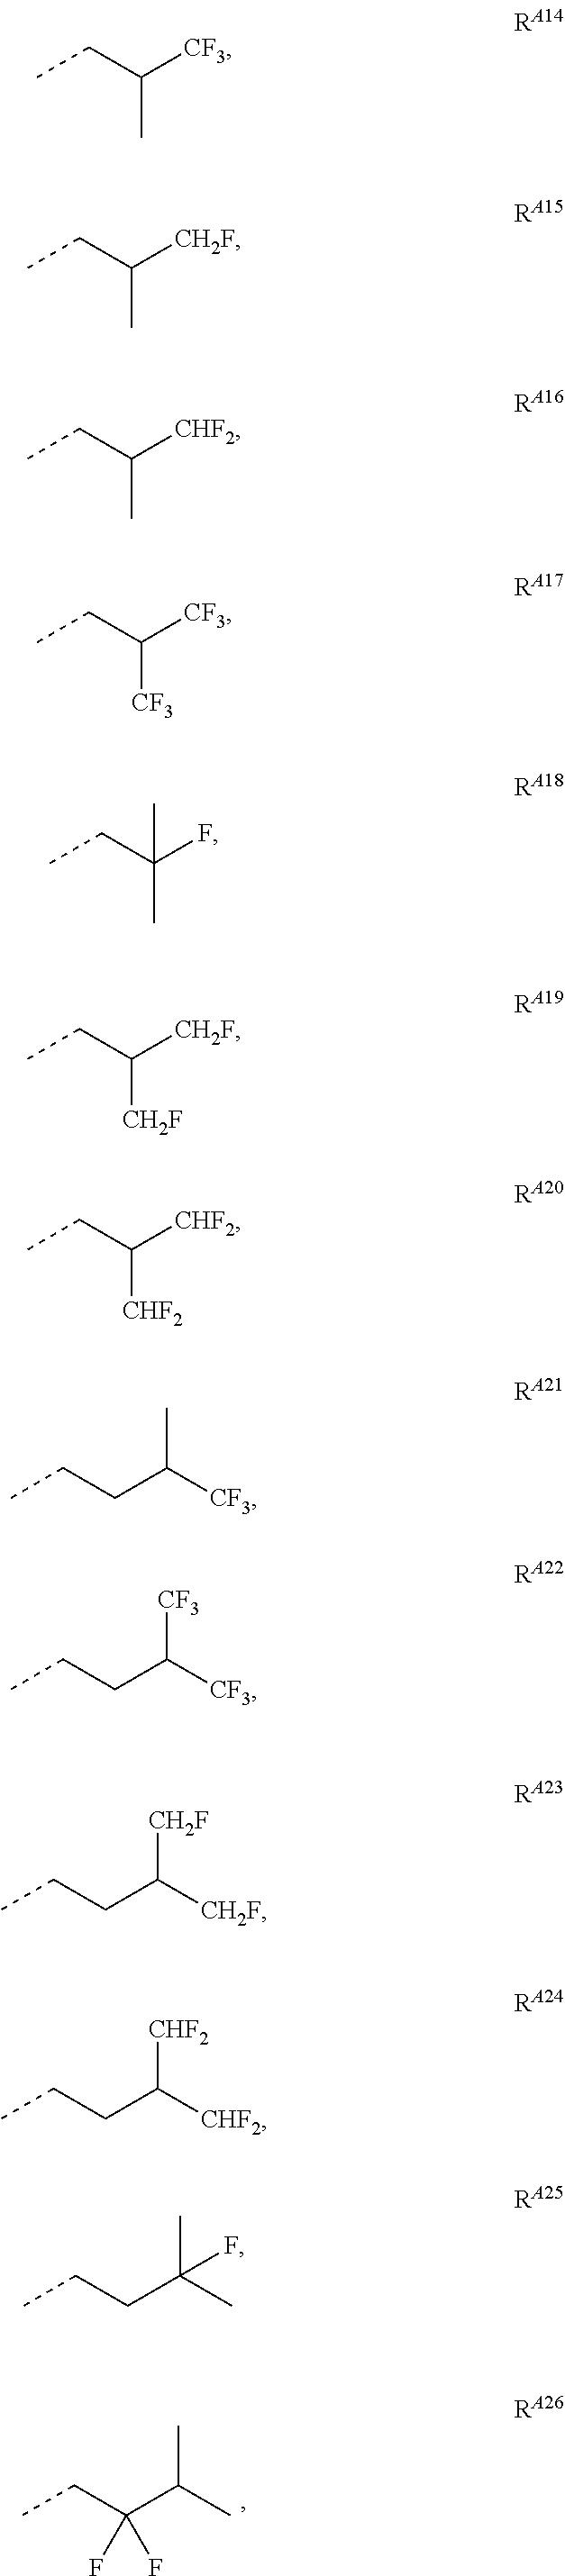 Figure US09711730-20170718-C00009